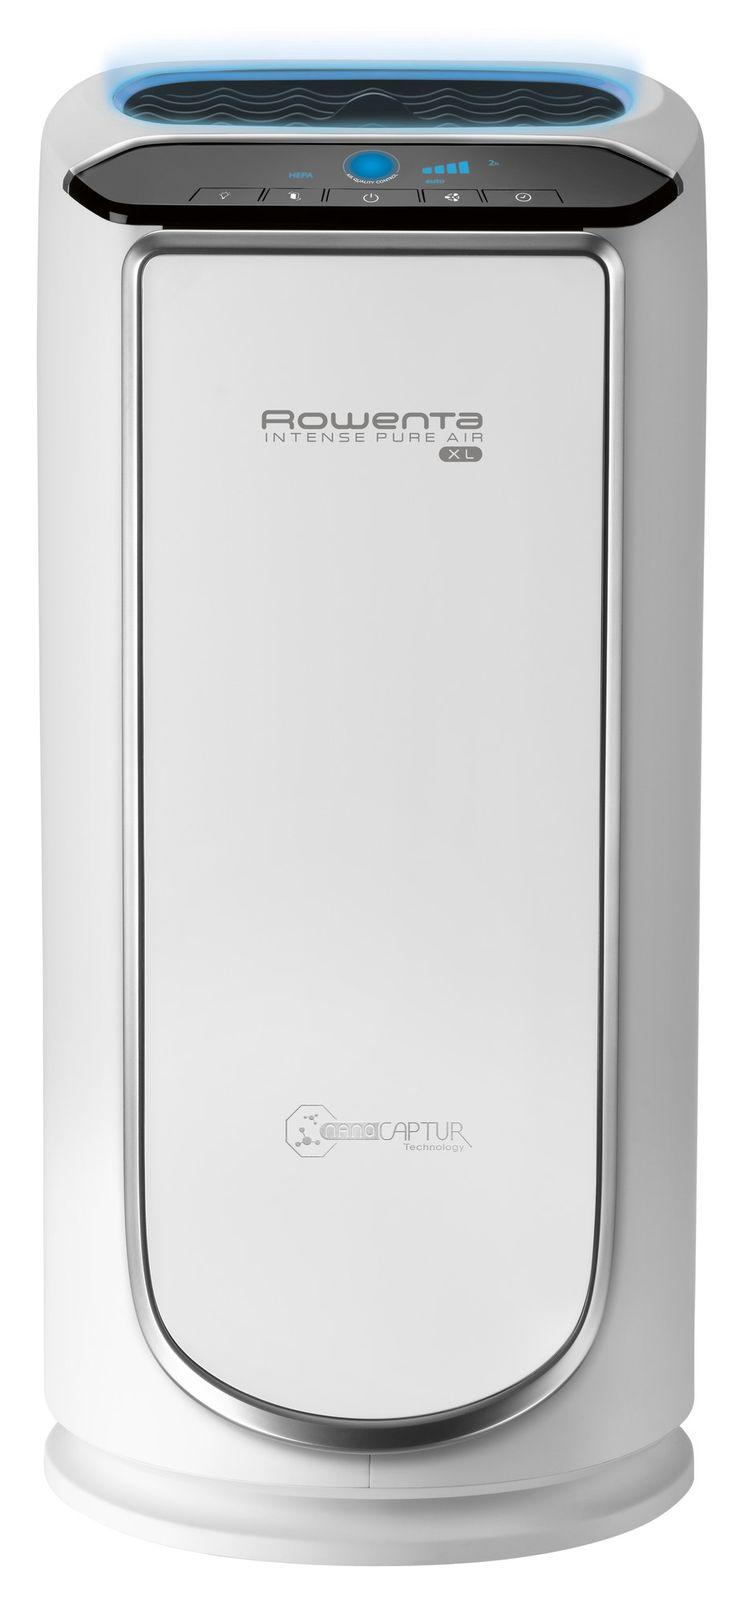 Intense Pure Air XL Auto Air Purifier